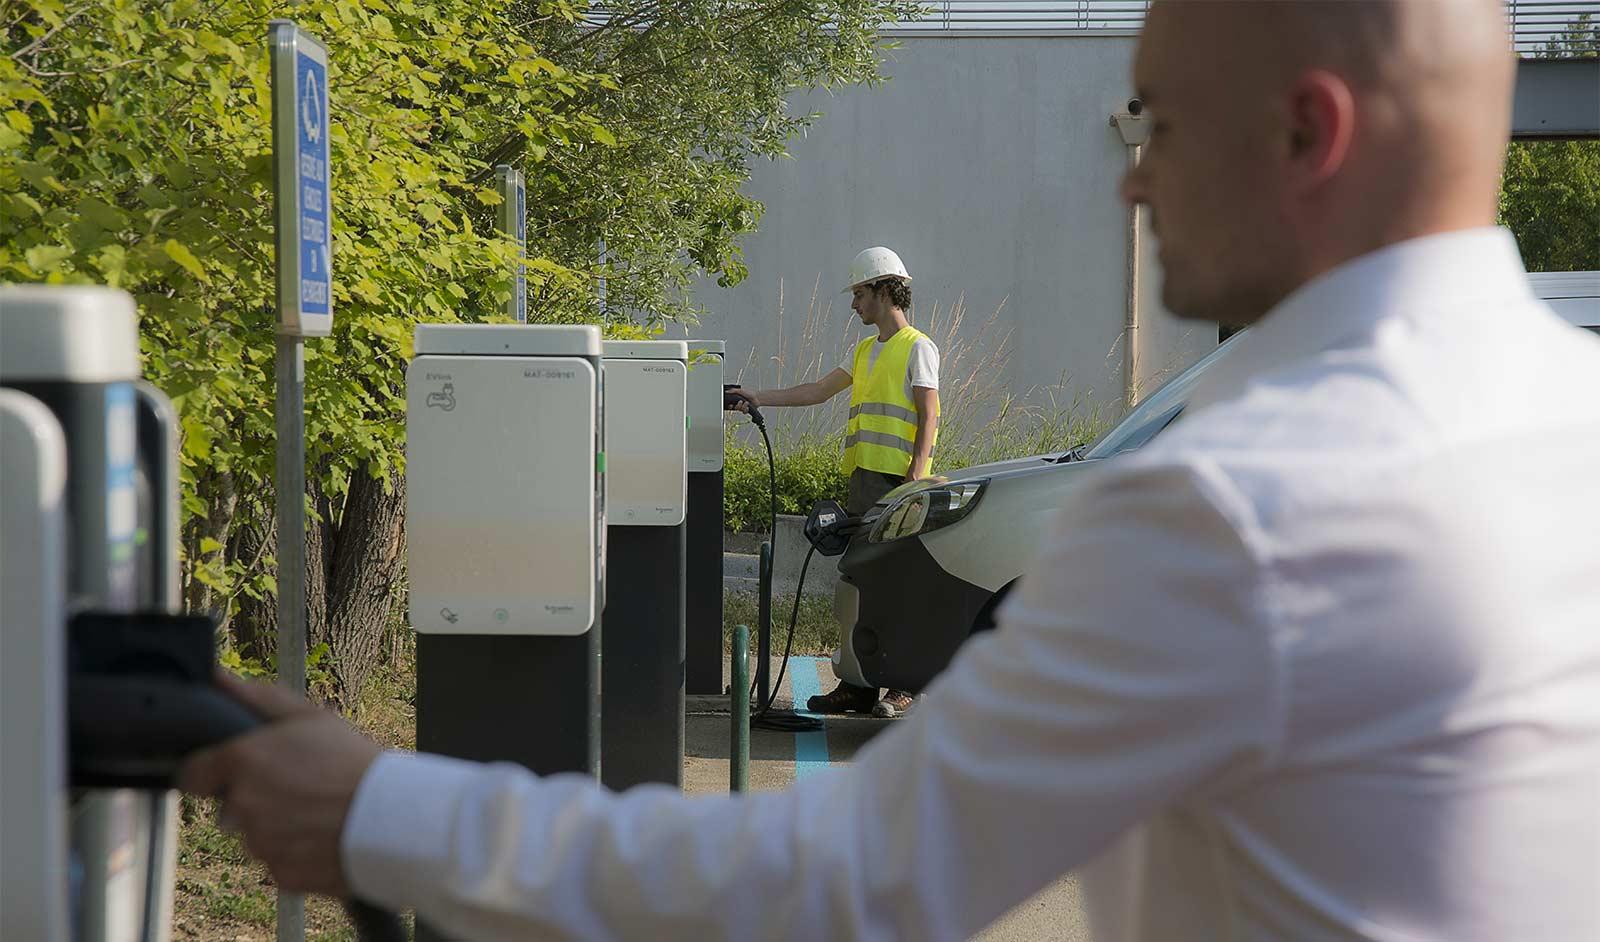 borne de recharge véhicules électriques professionnels